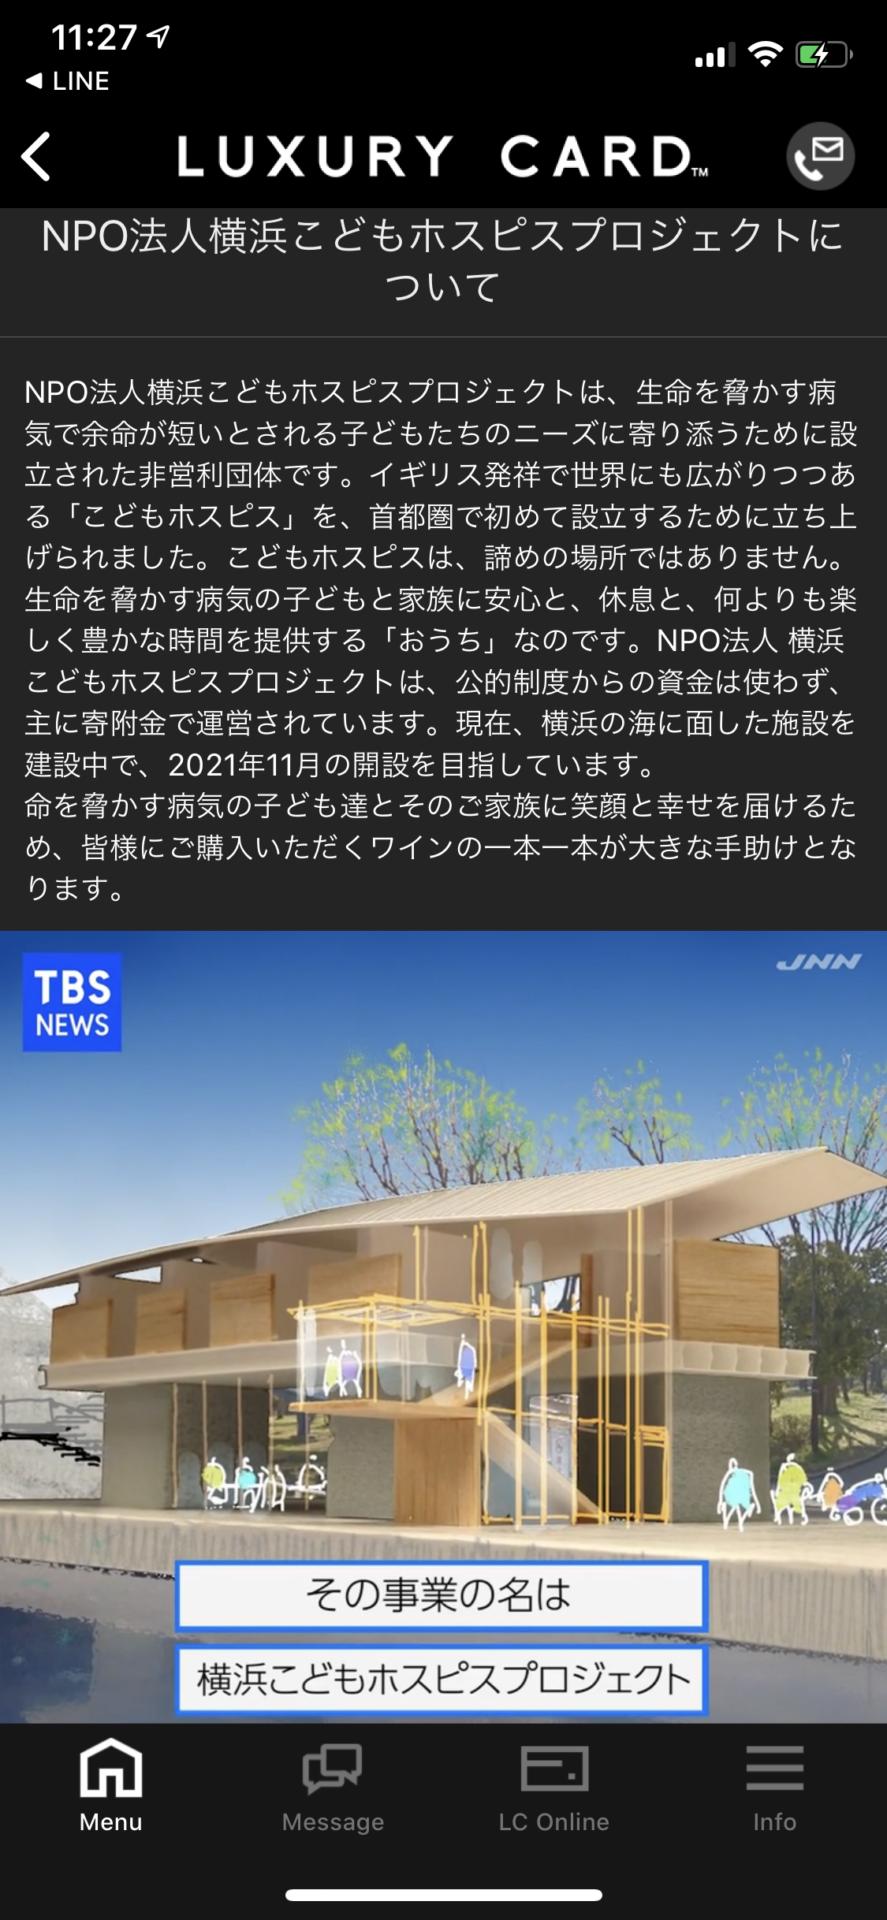 ワイン購入でNPO法人横浜こどもホスピスプロジェクトに寄付 (ラグジュアリーカード) (3)